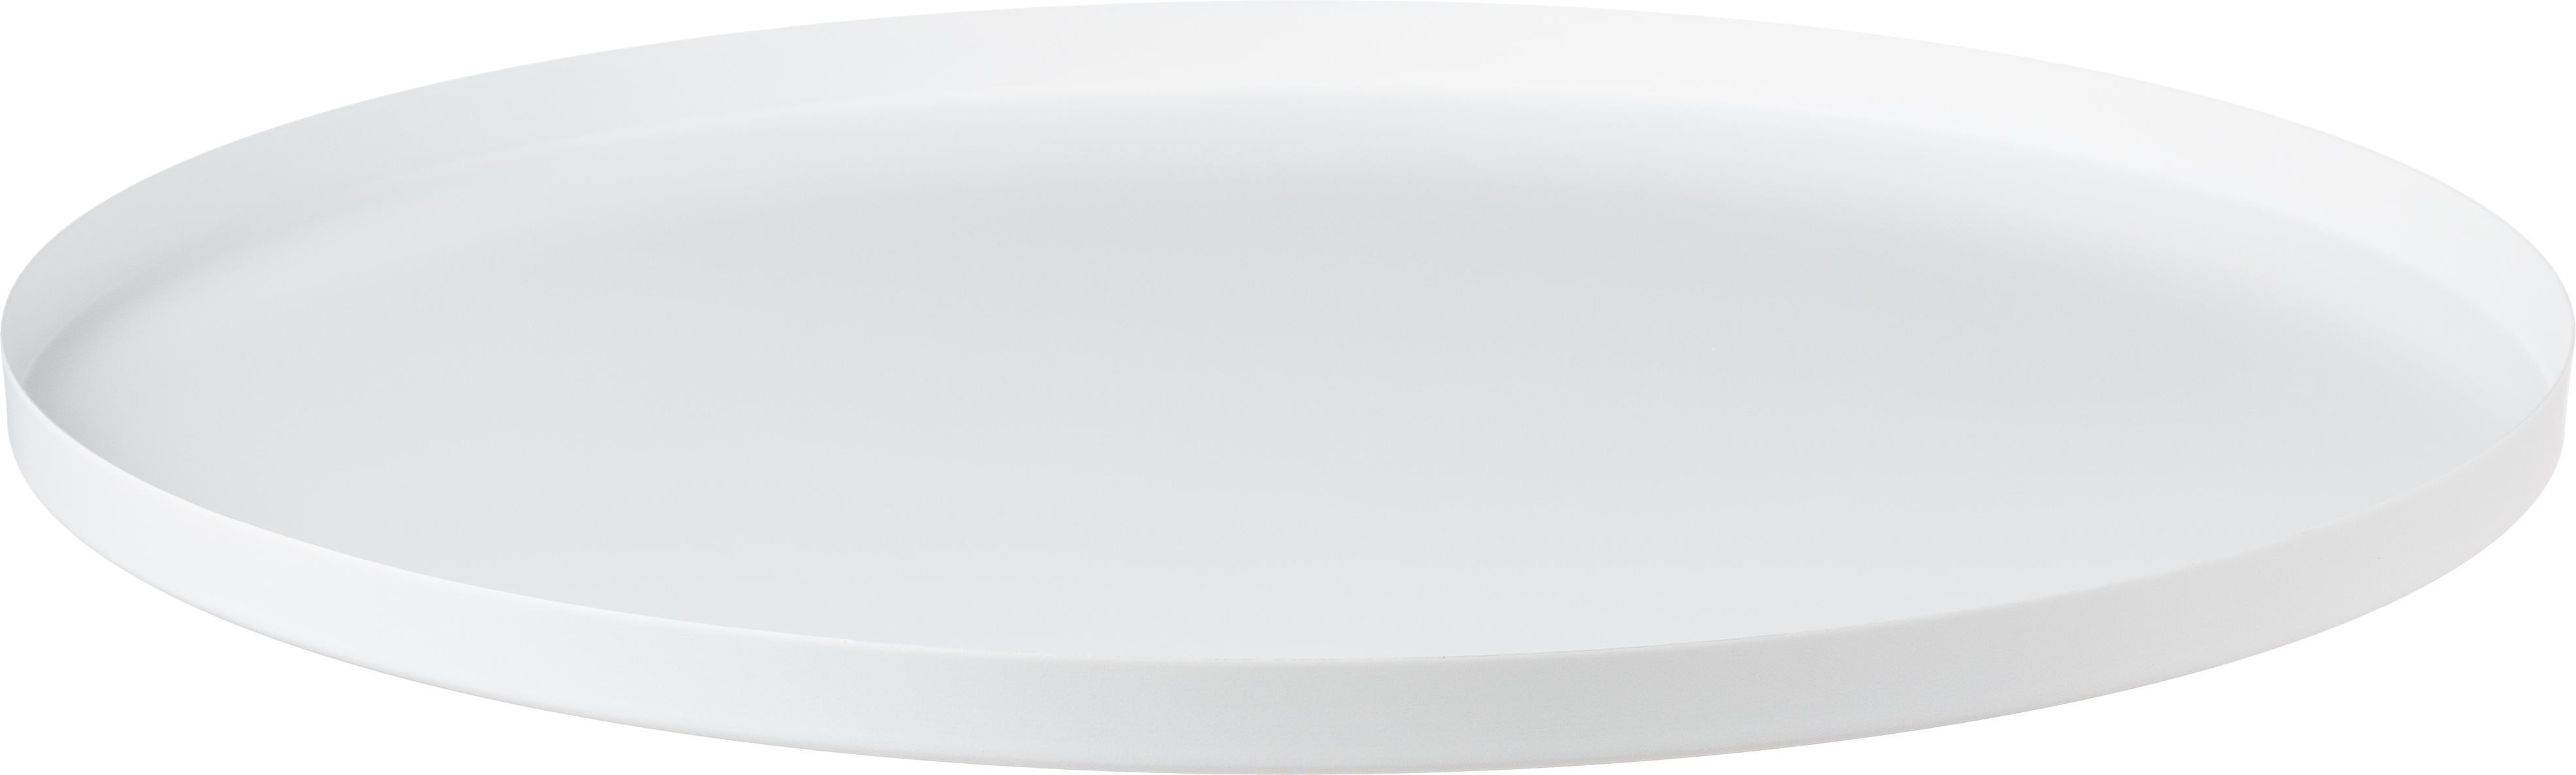 Rundes Deko-Tablett Circle in Weiß, Edelstahl, pulverbeschichtet, Weiß, matt, Ø 40 x H 2 cm